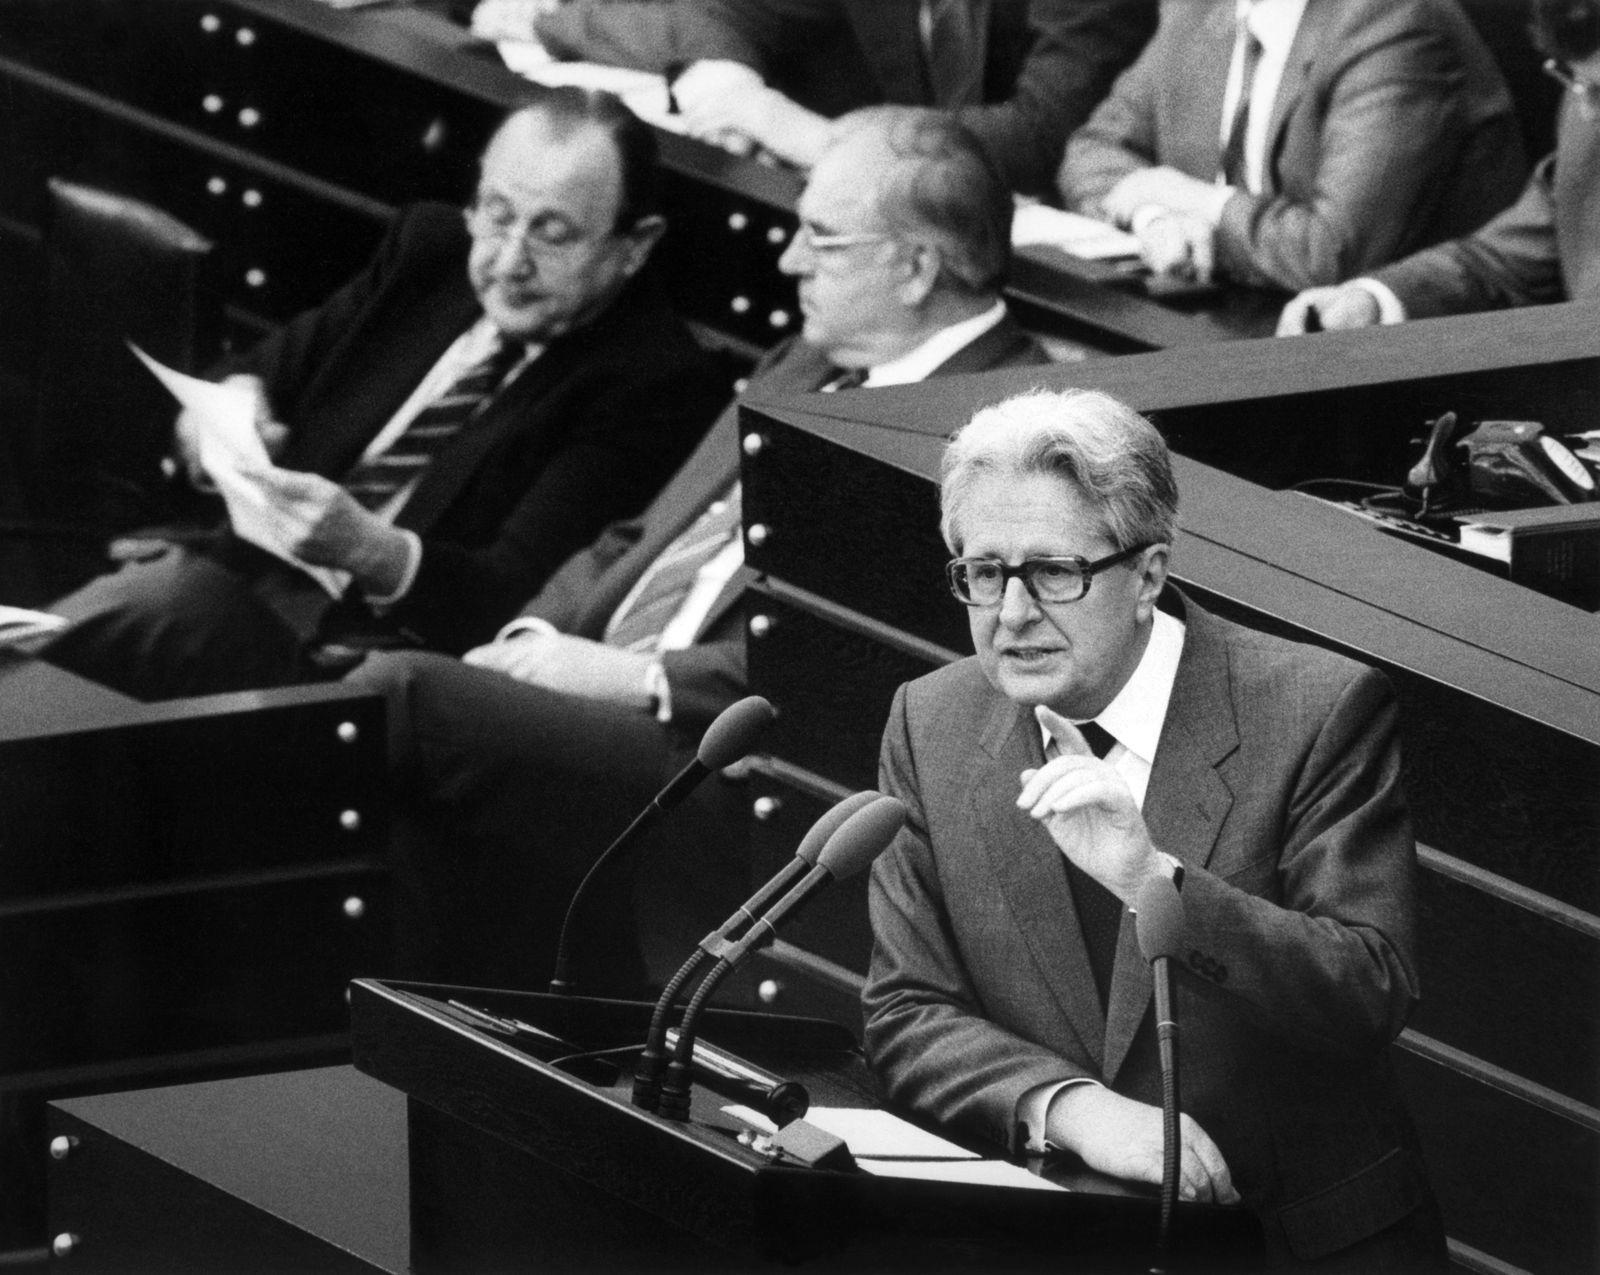 Ehemaliger SPD-Vorsitzender Hans-Jochen Vogel gestorben